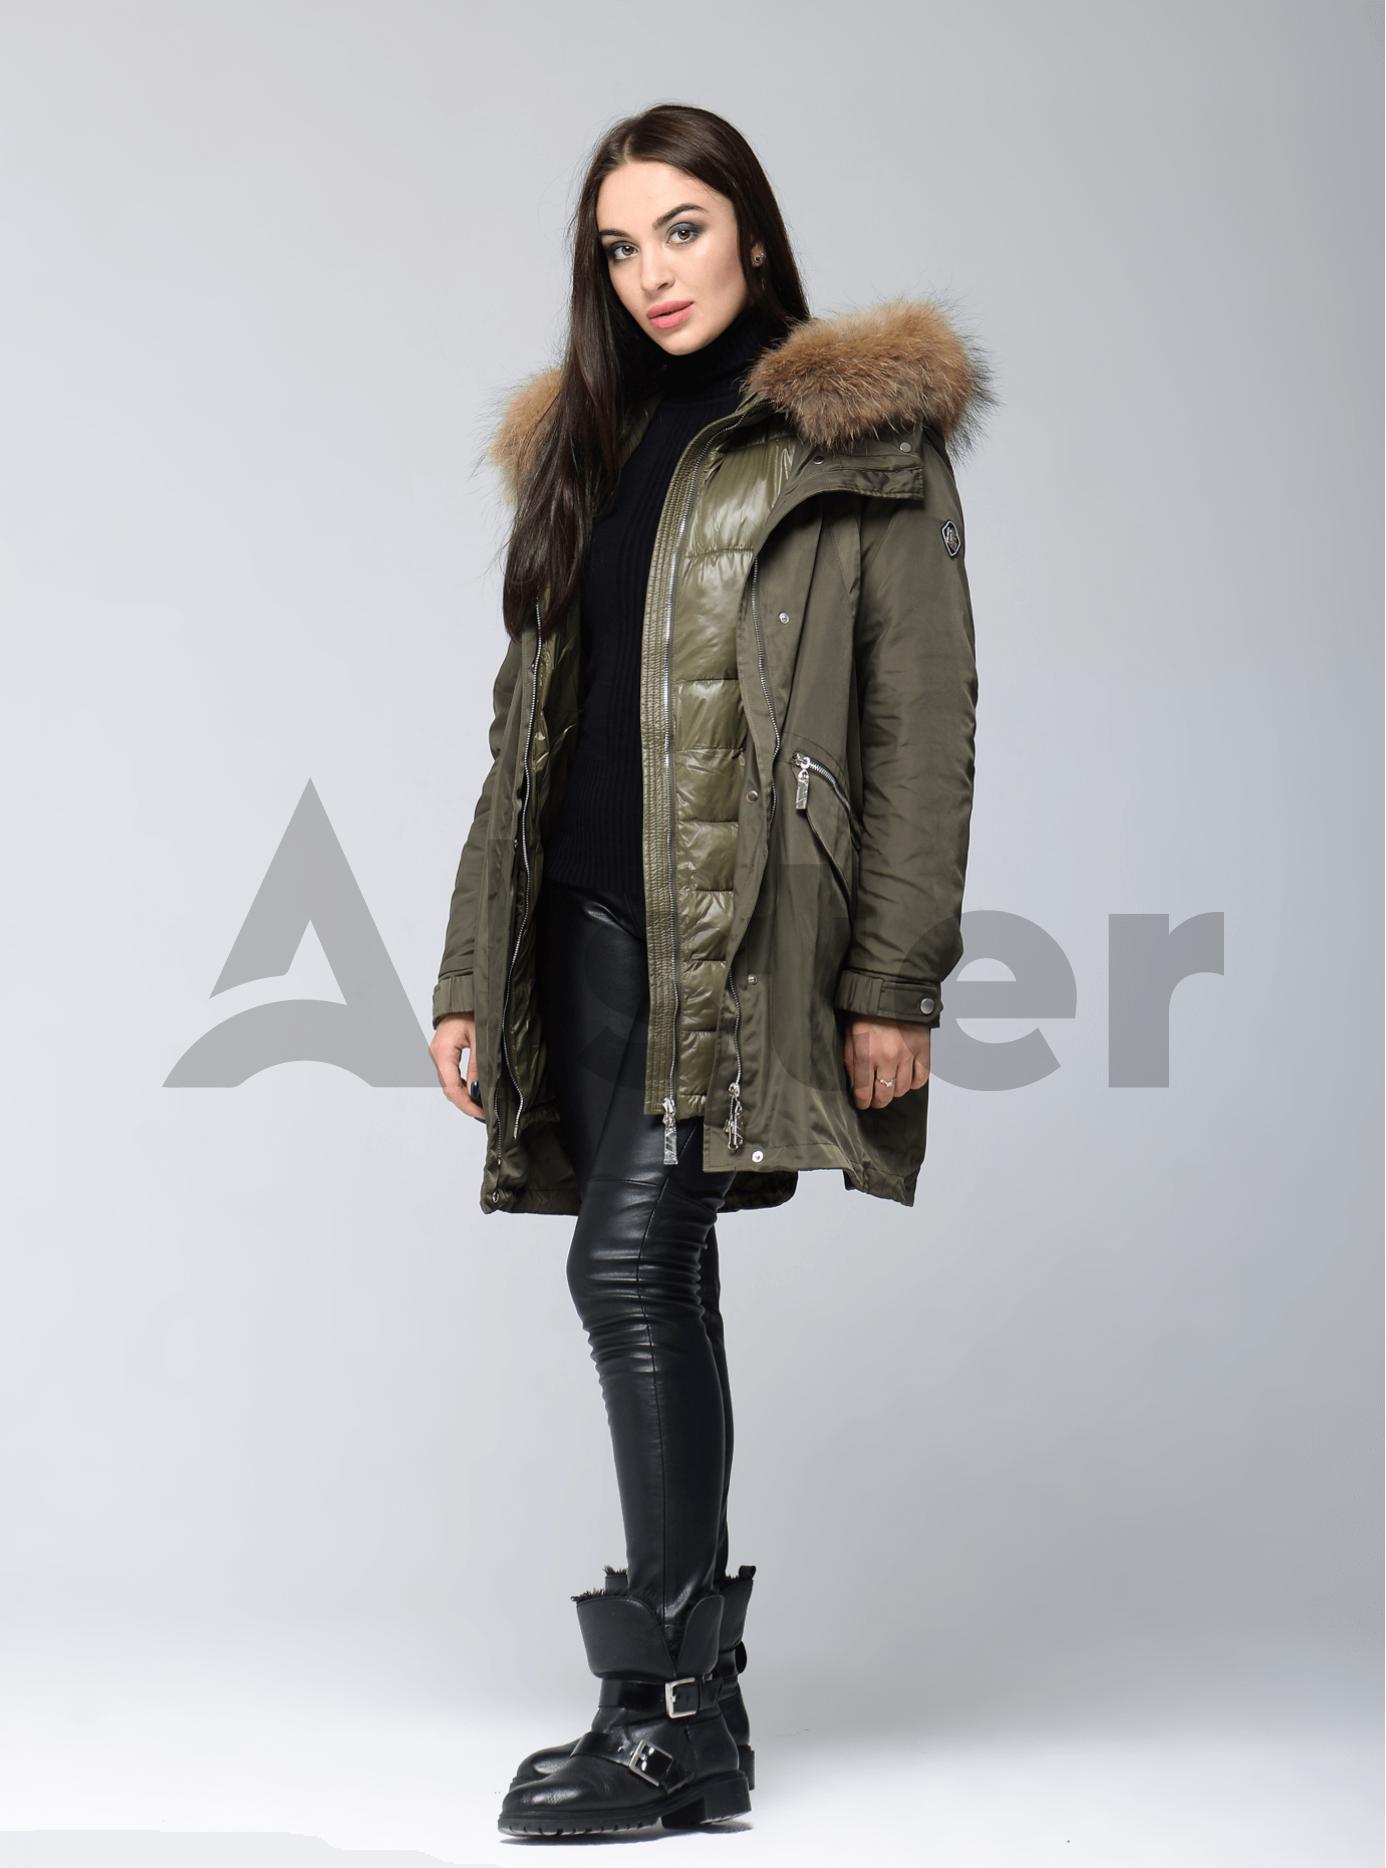 Куртка зимняя длинная двойная с мехом енота Хаки XL (05-V191264): фото - Alster.ua